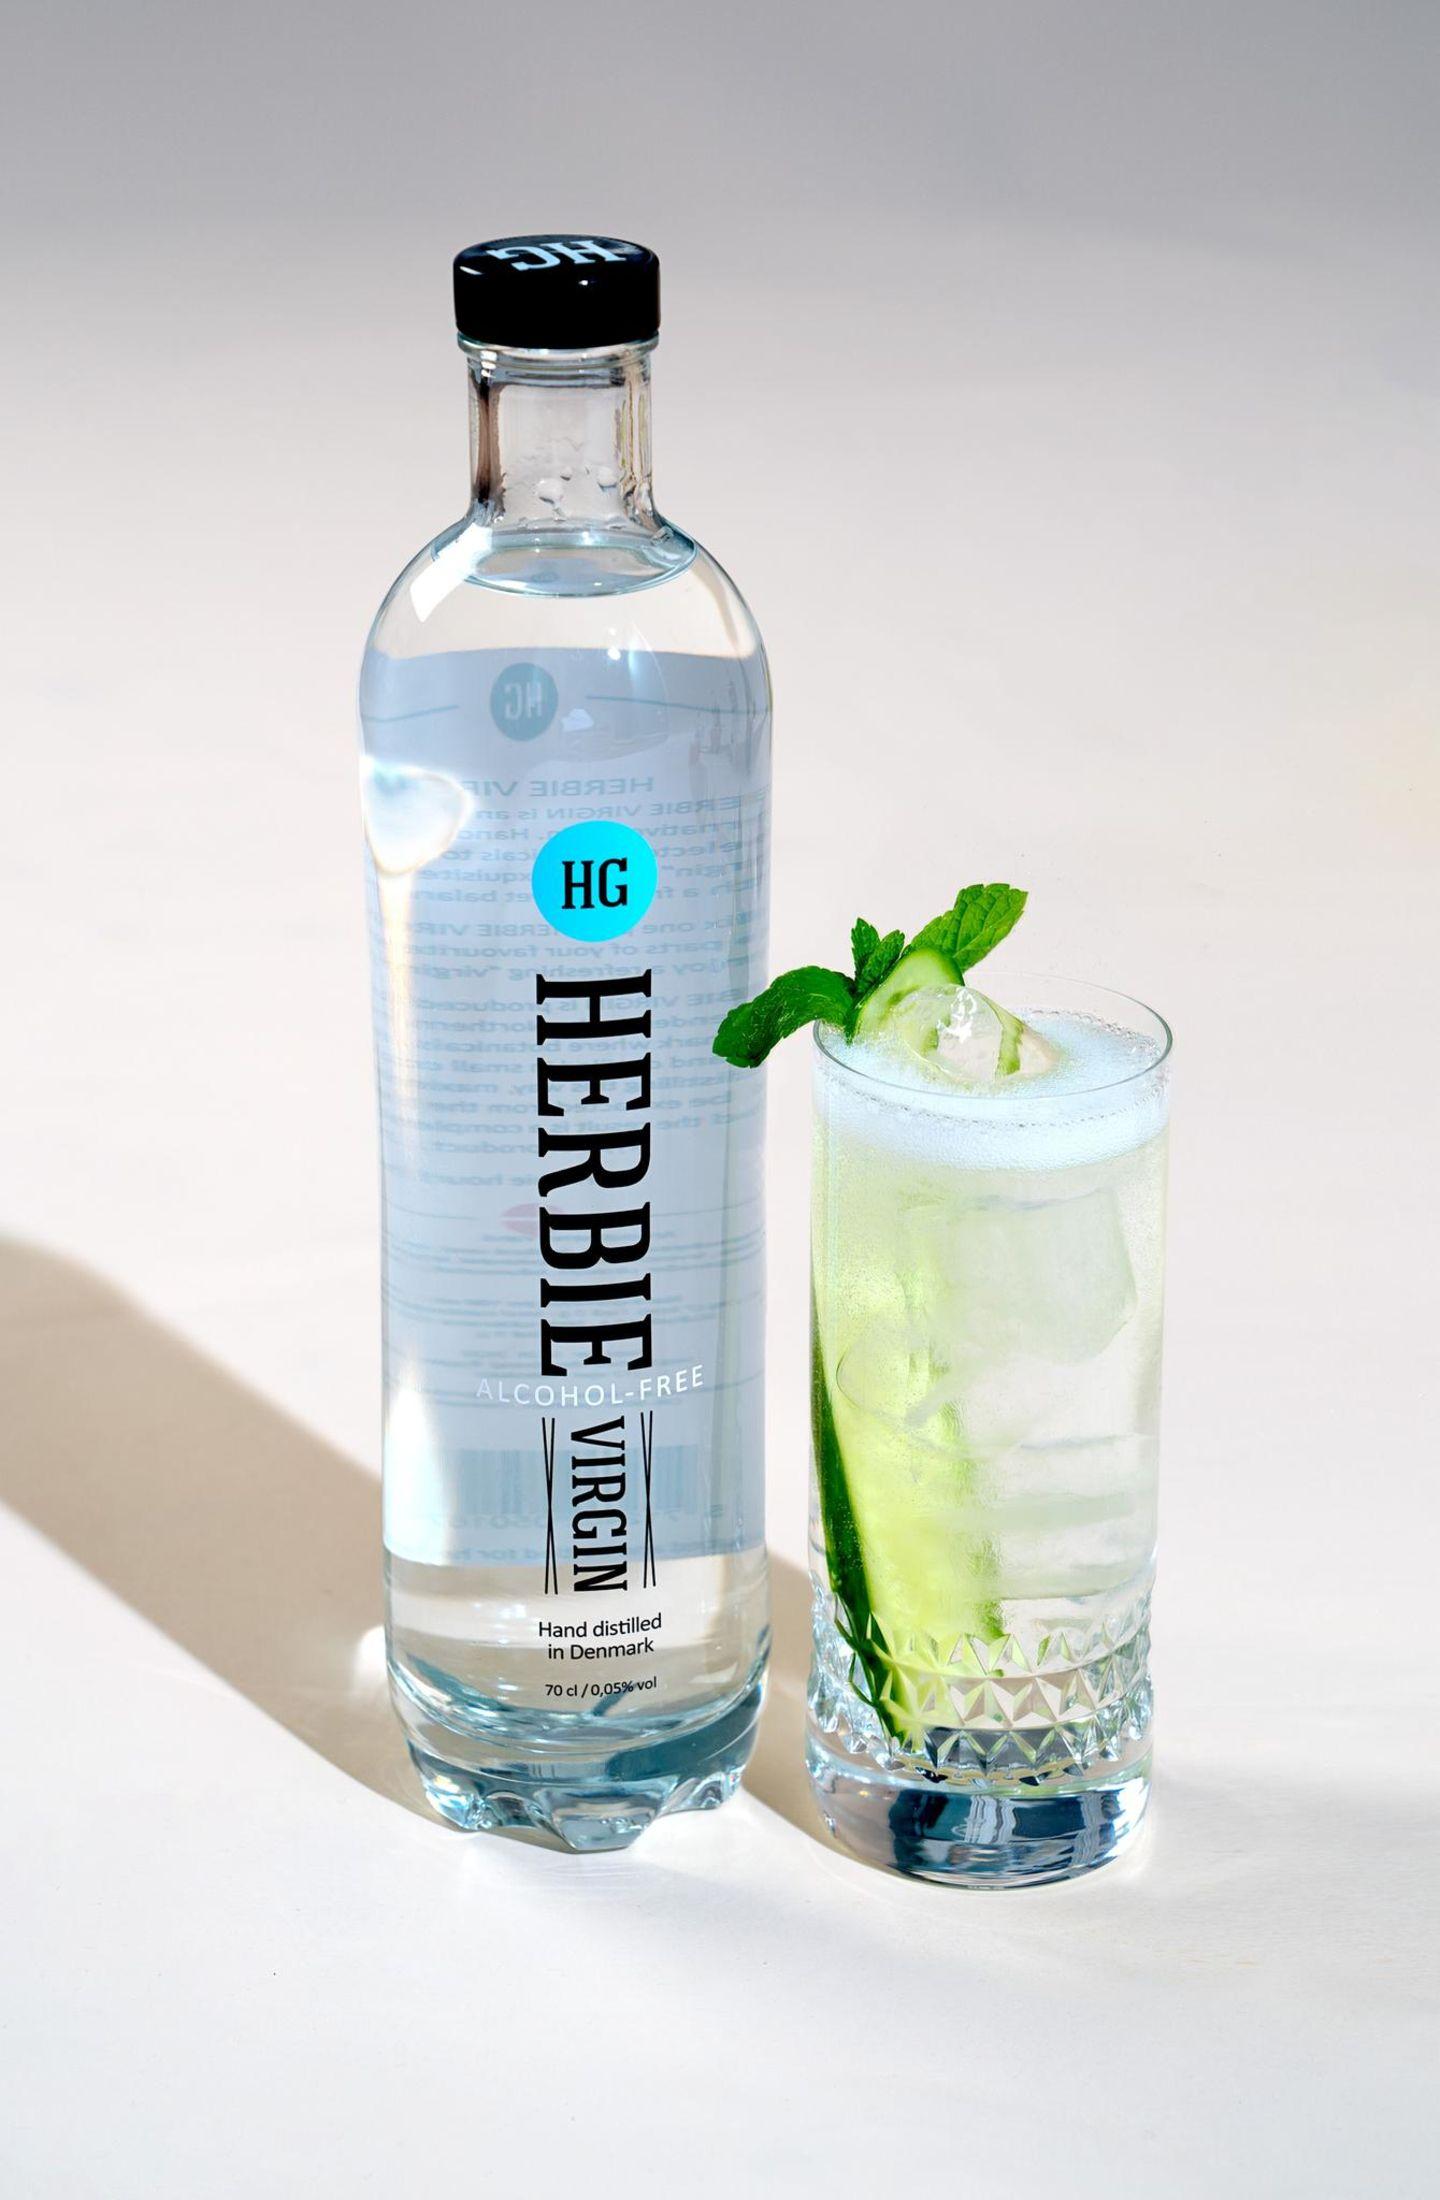 Auf unseren geliebten Gin Tonic zu verzichten fällt uns mit dieser Alternative auf einmal gar nicht mehr so schwer:  4cl Herbie Virgin  Dry Tonic Water  Einfach wie gewohnt den Virgin Gin mit Tonic in ein Glas geben und nach Belieben mit Minze, Gurke oder Zitrone garnieren.